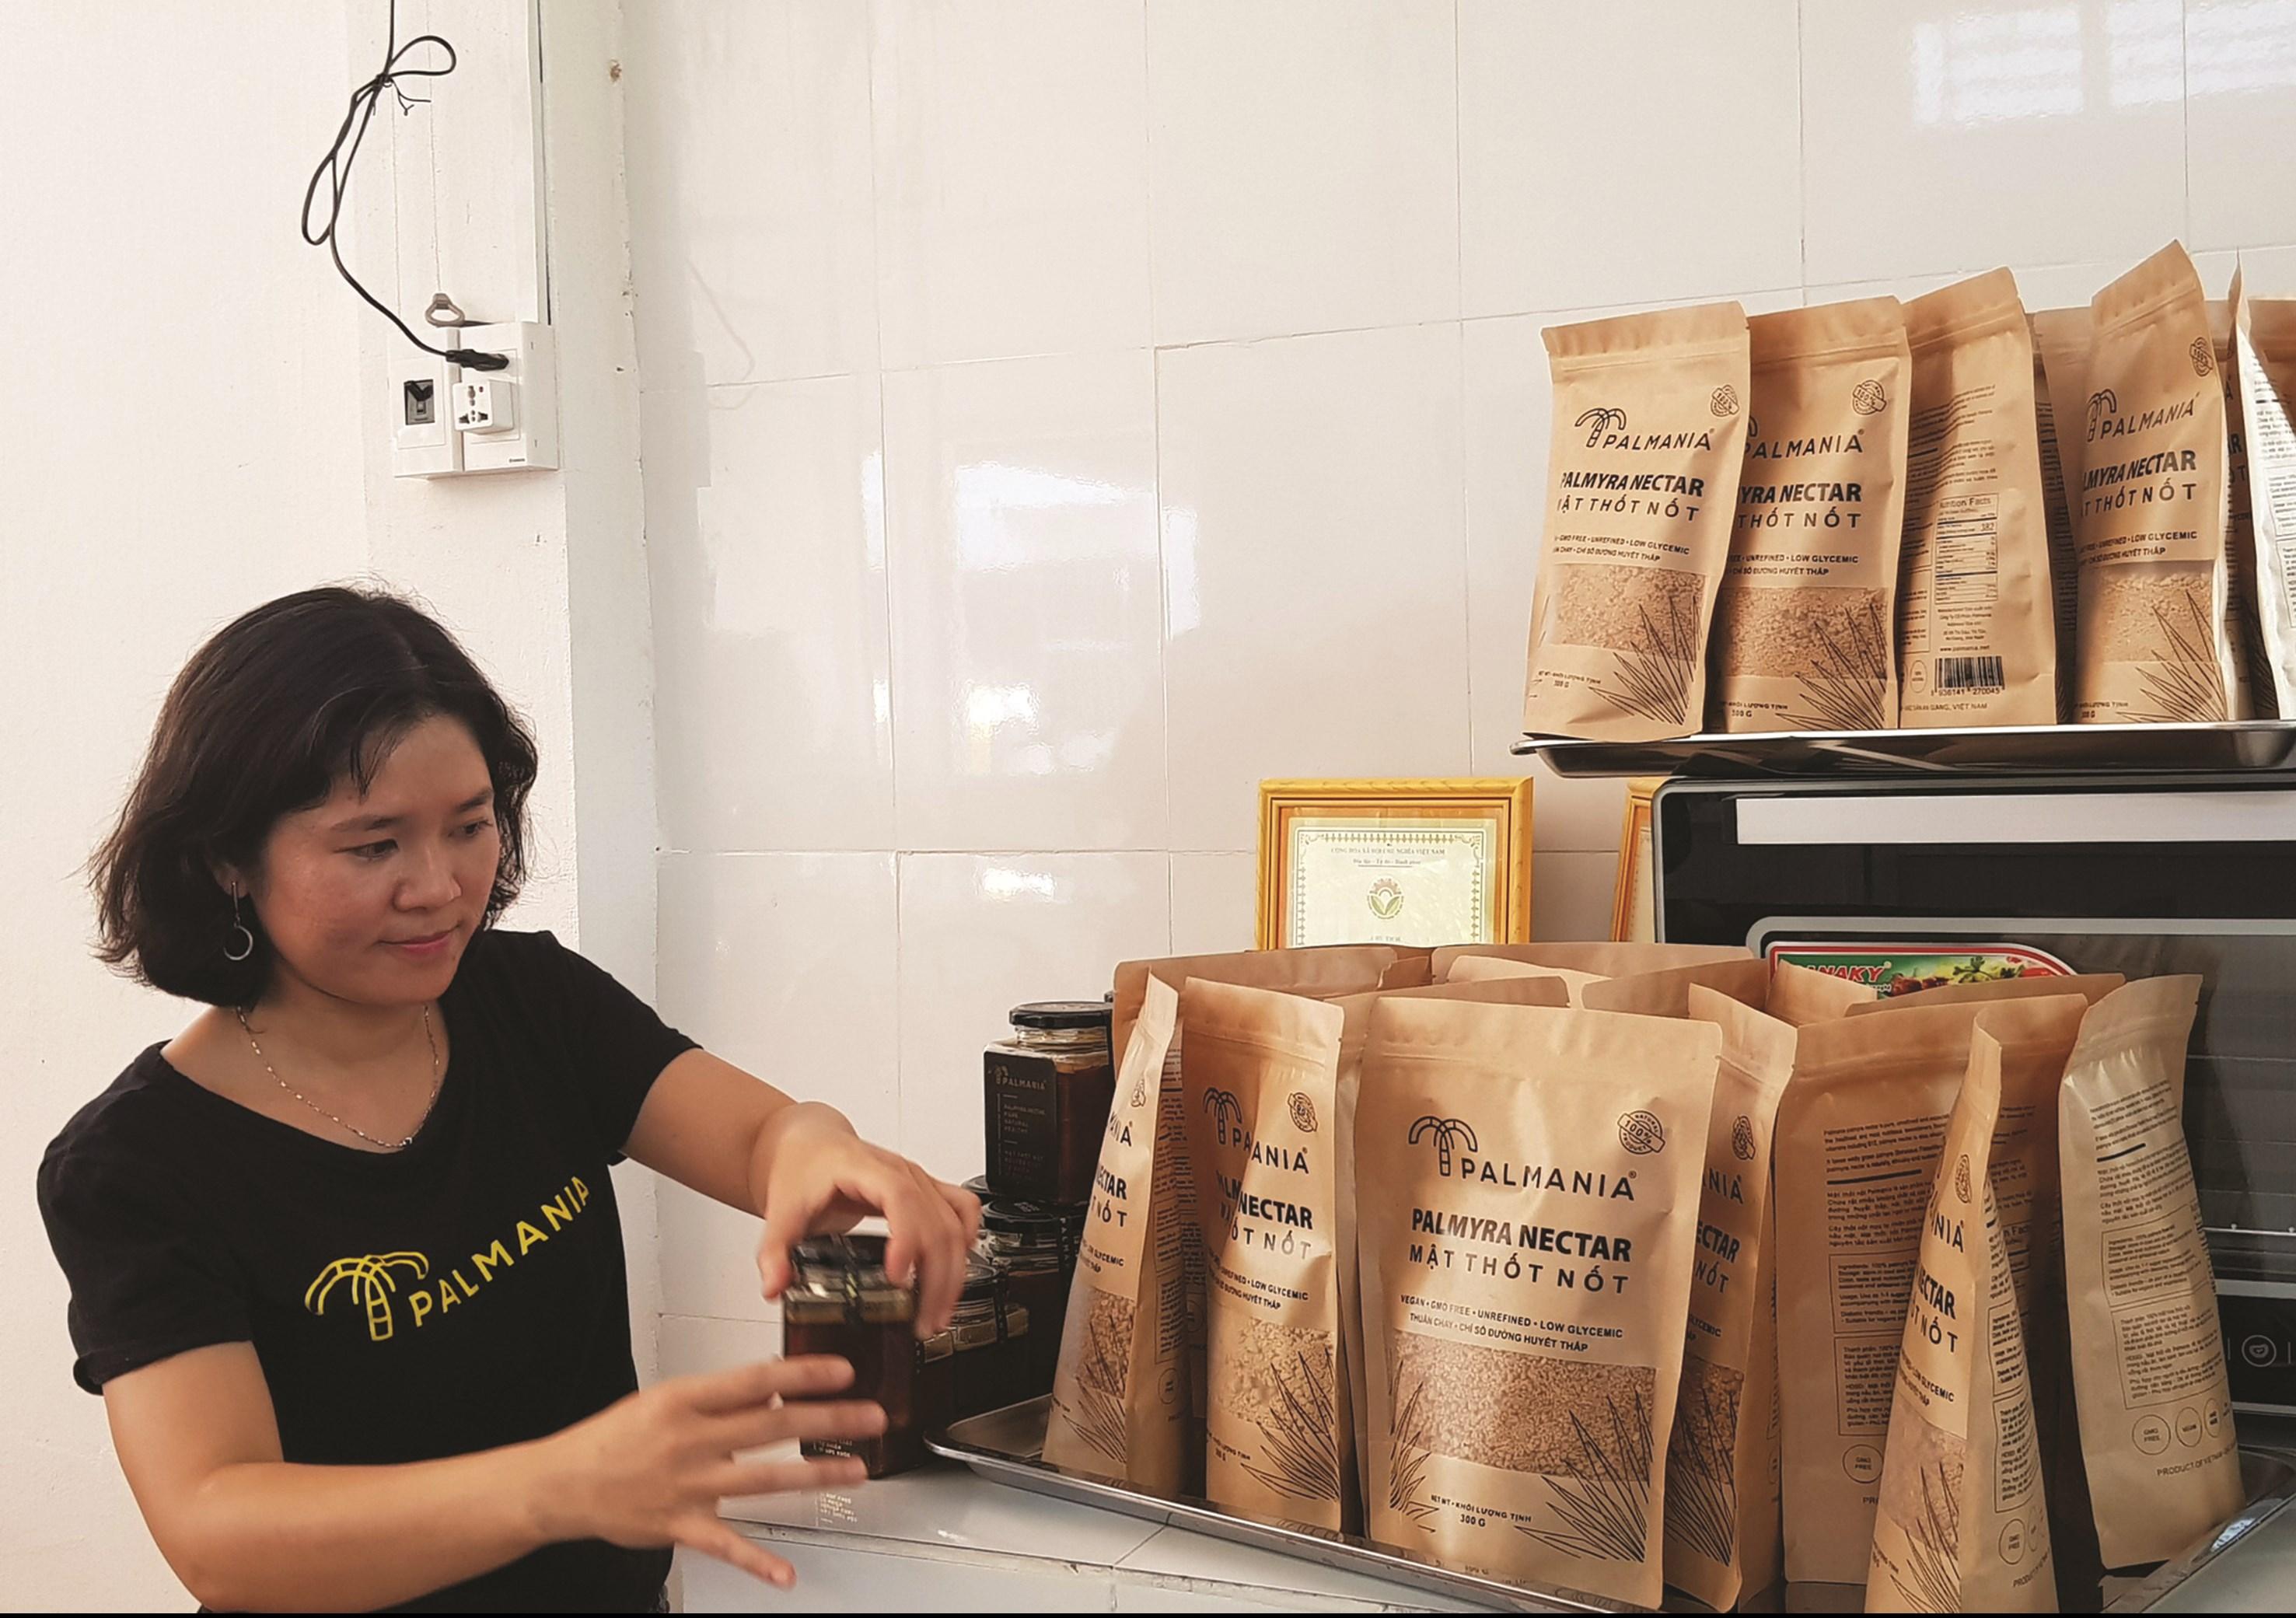 Chị Chau Ngọc Dịu bên sản phẩm đường thốt nốt đạt tiêu chuẩn 4 sao